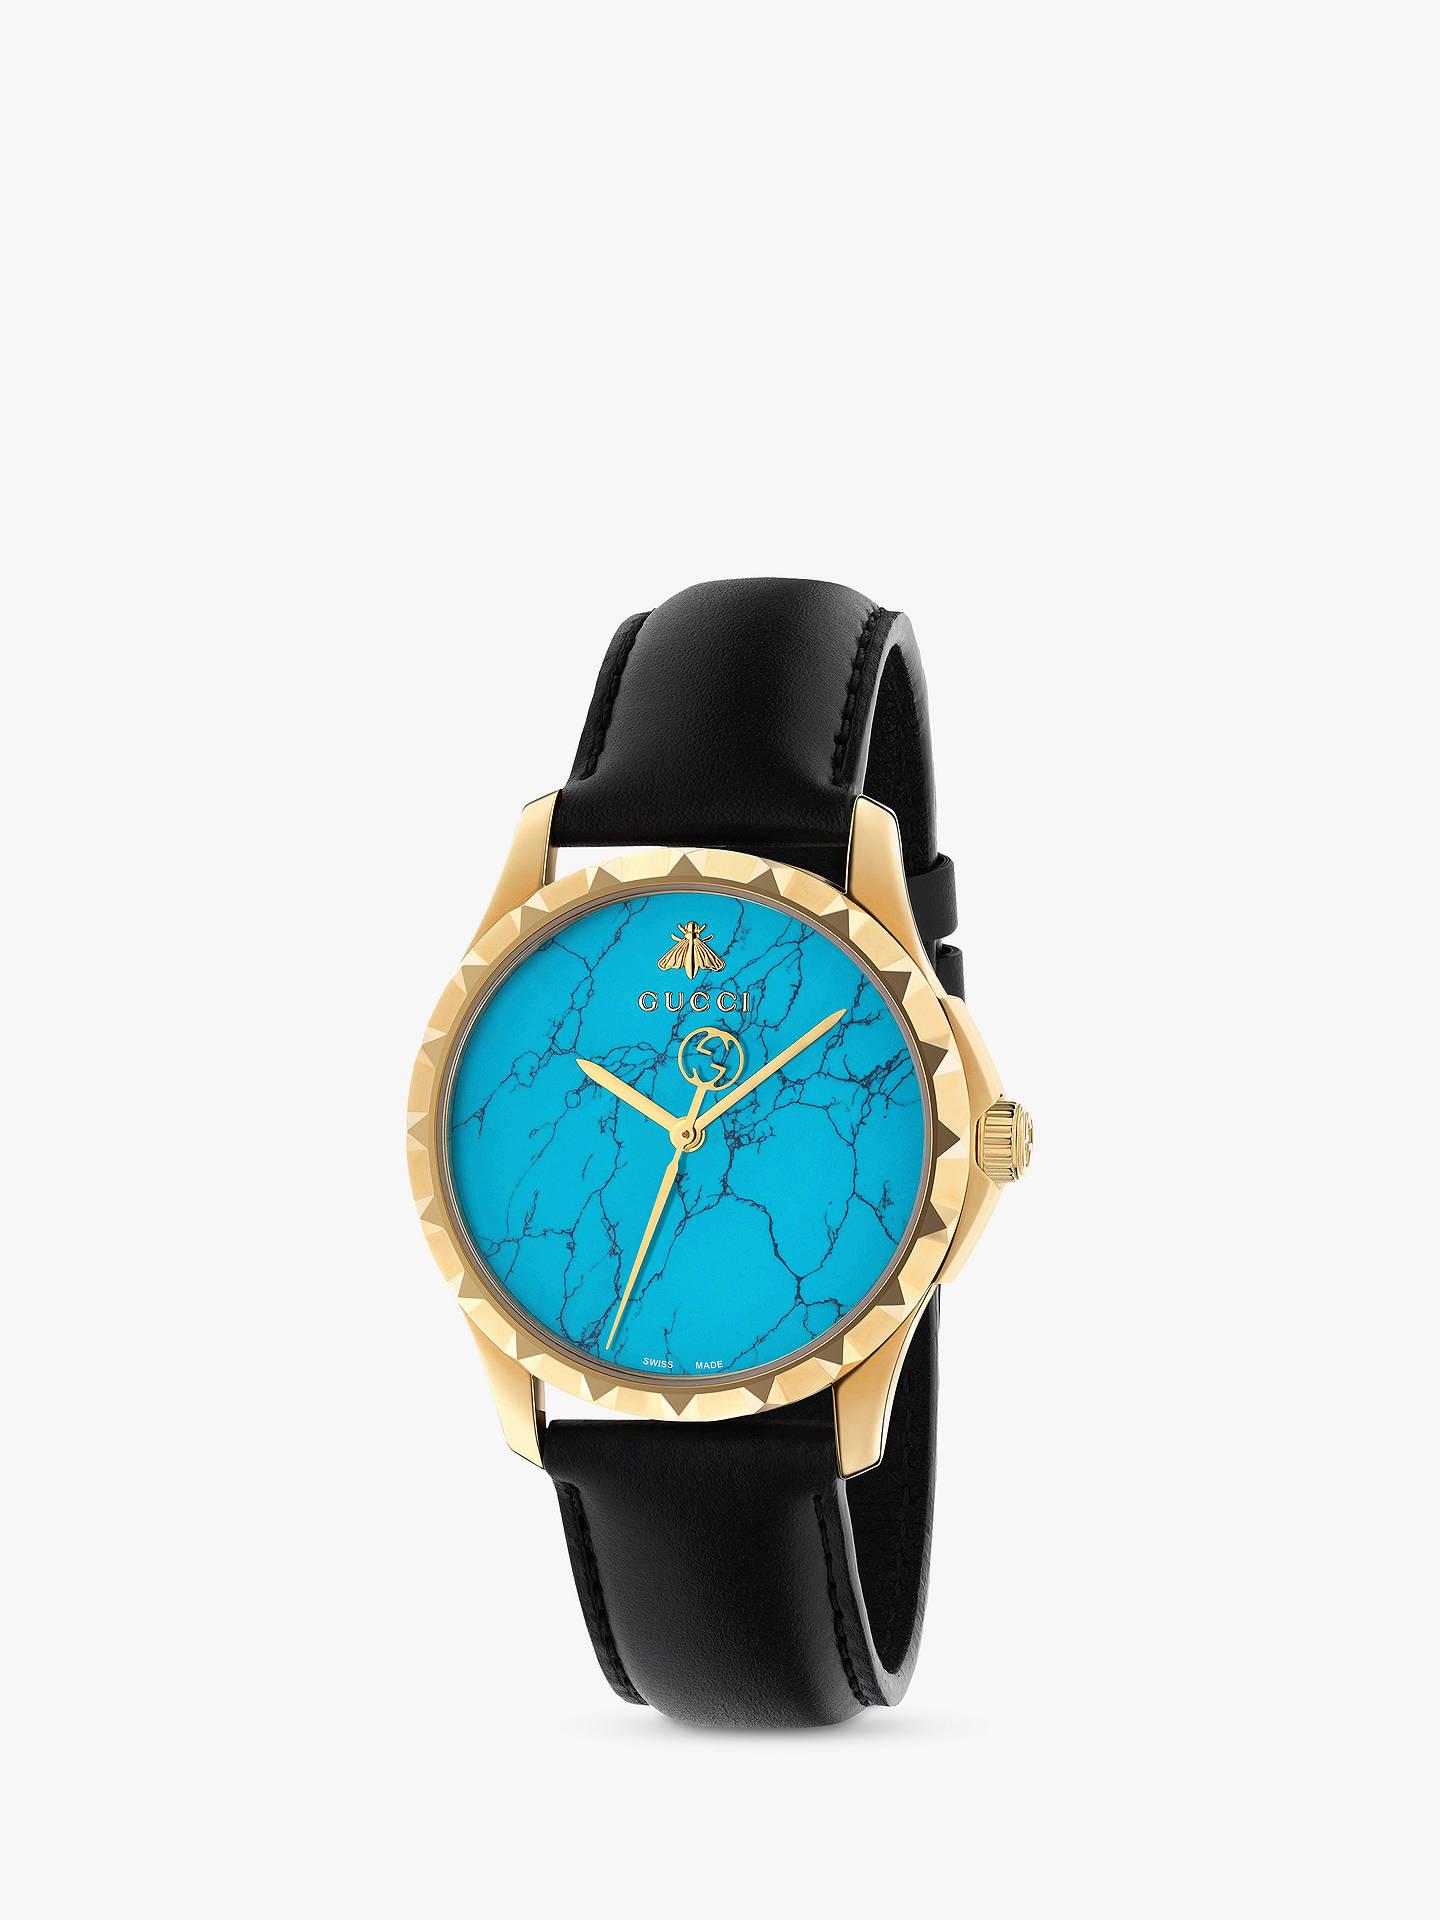 922346ffef5 Gucci YA126462 Women s Le Marche des Merveilles Leather Strap Watch ...